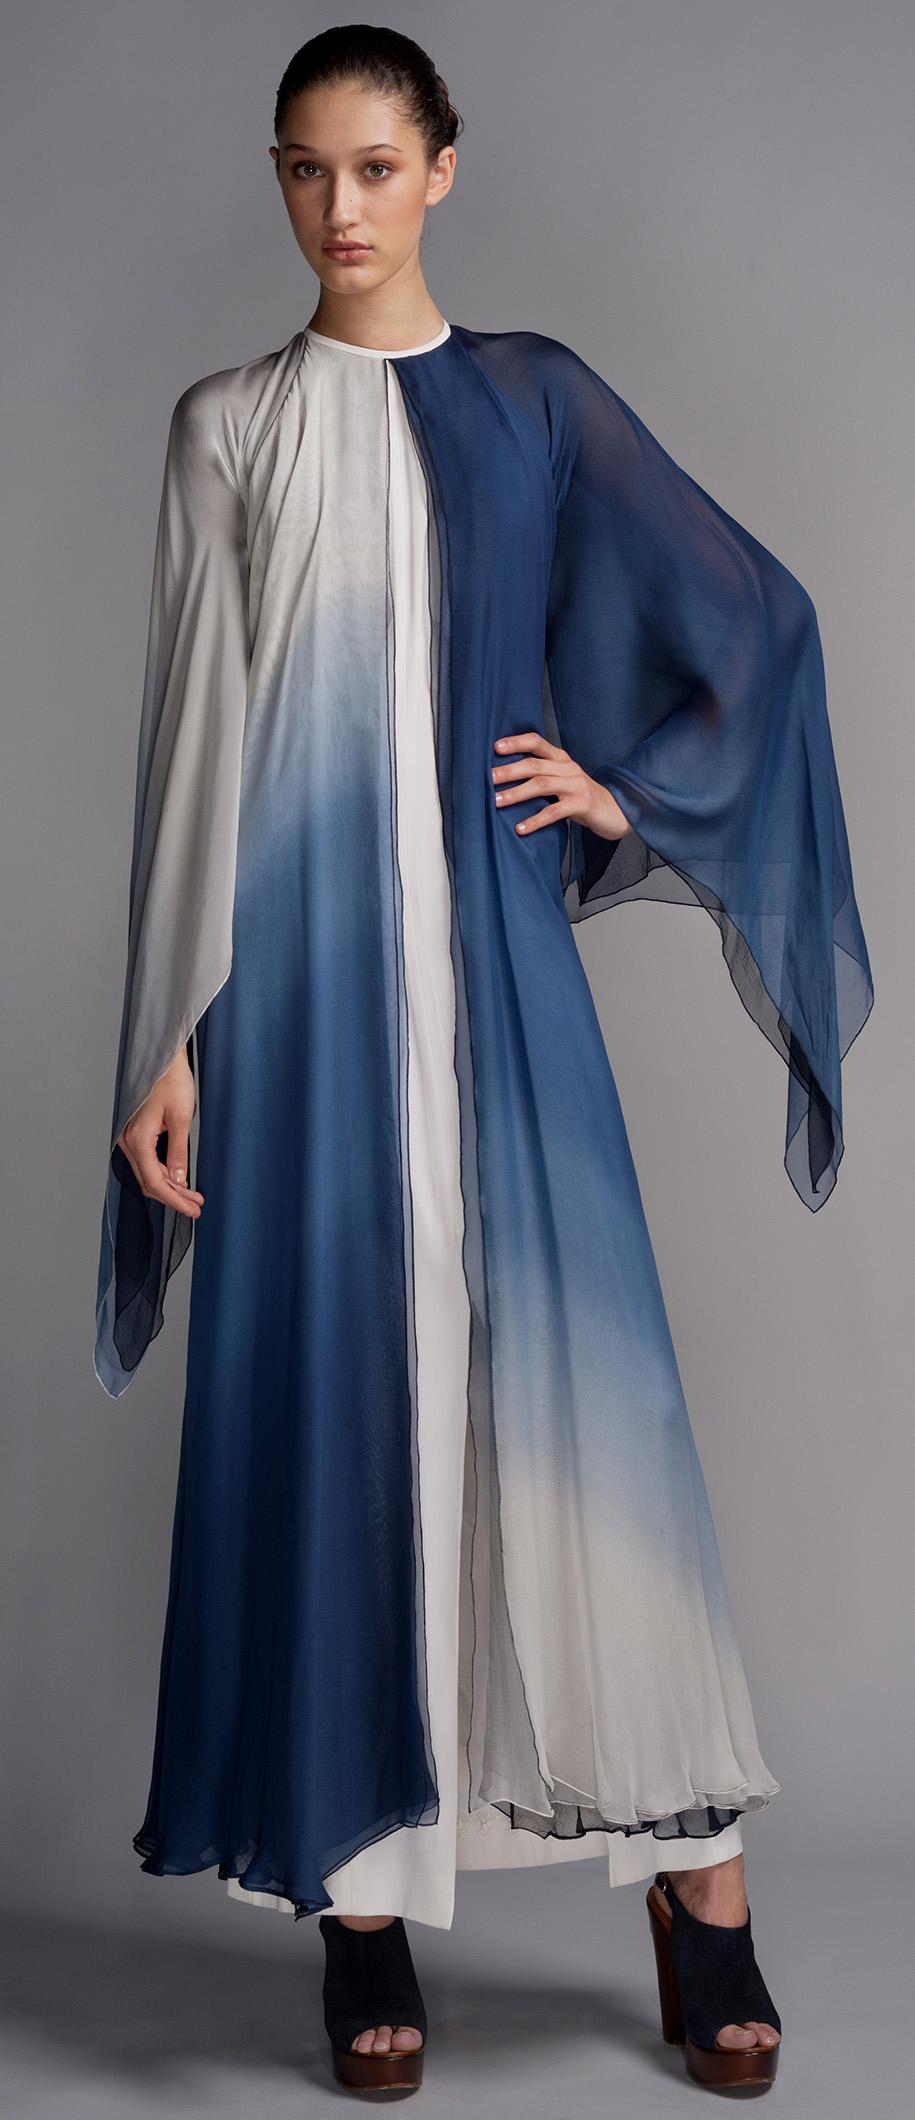 El caftán, un vestido todoterreno para el verano